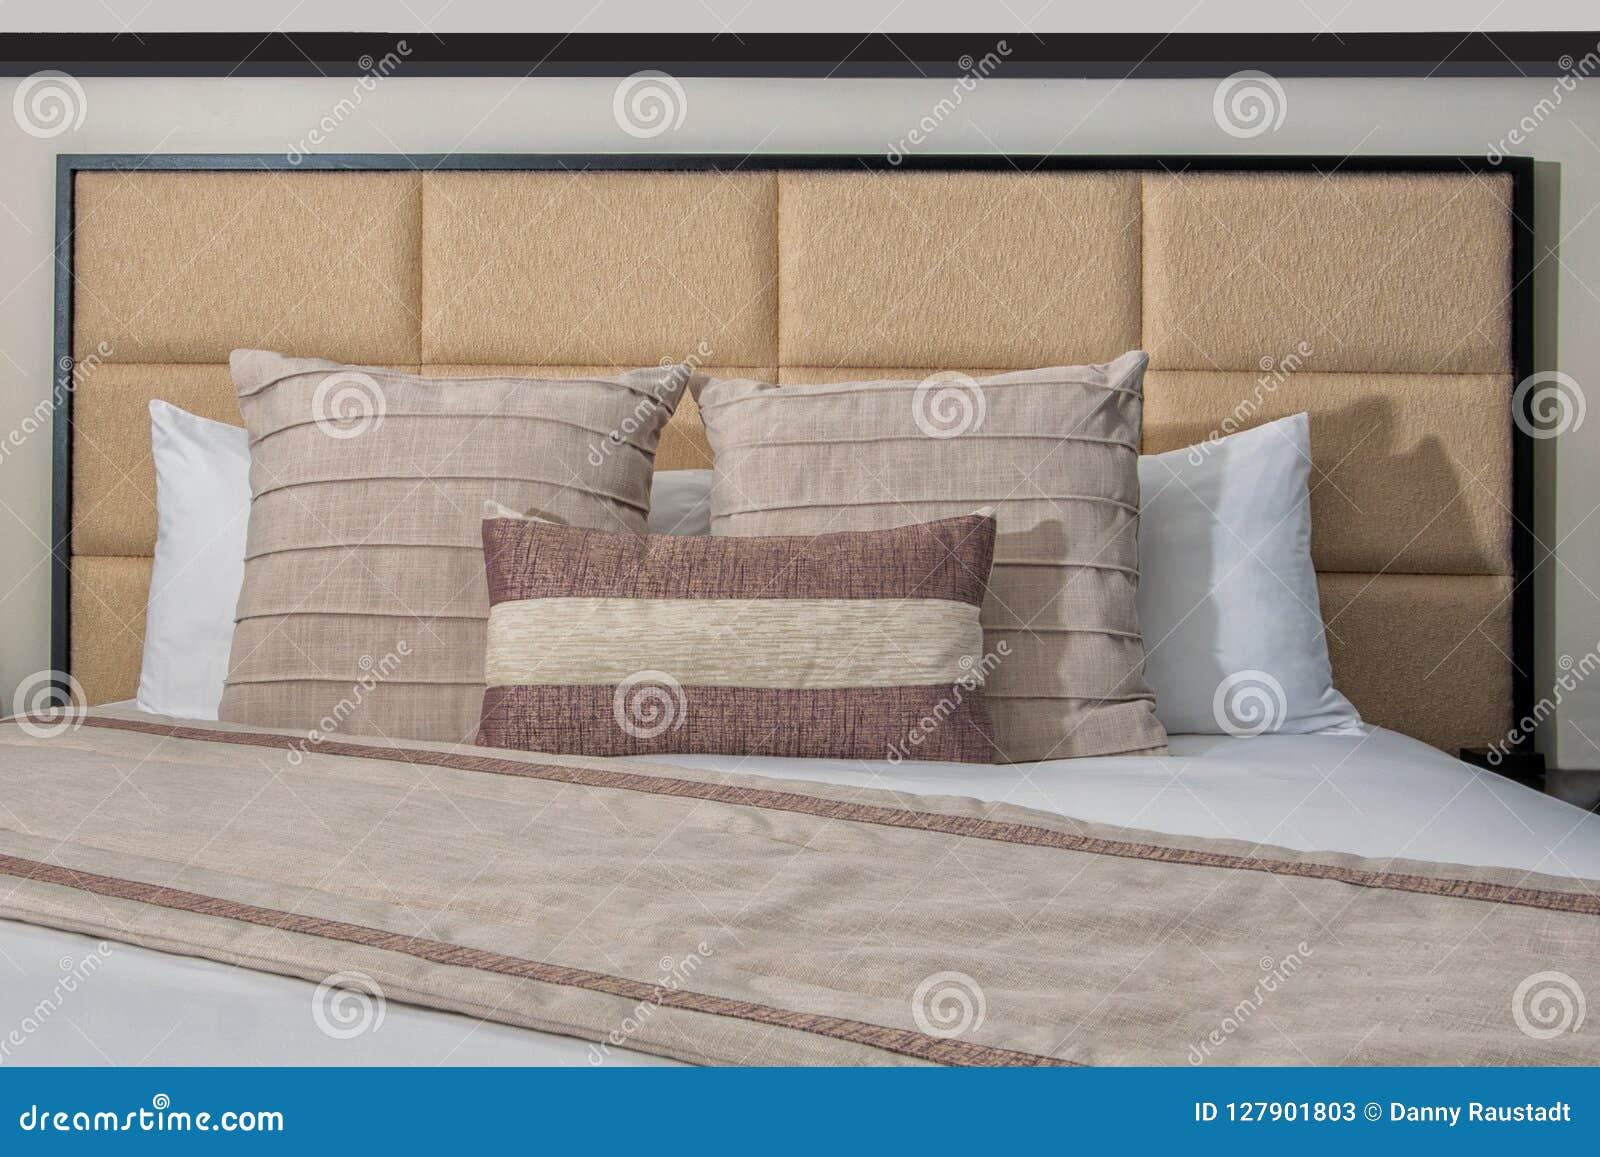 Hotel-Bett, Hauptbrett, Kissen, Deckbett und weißes Leinen